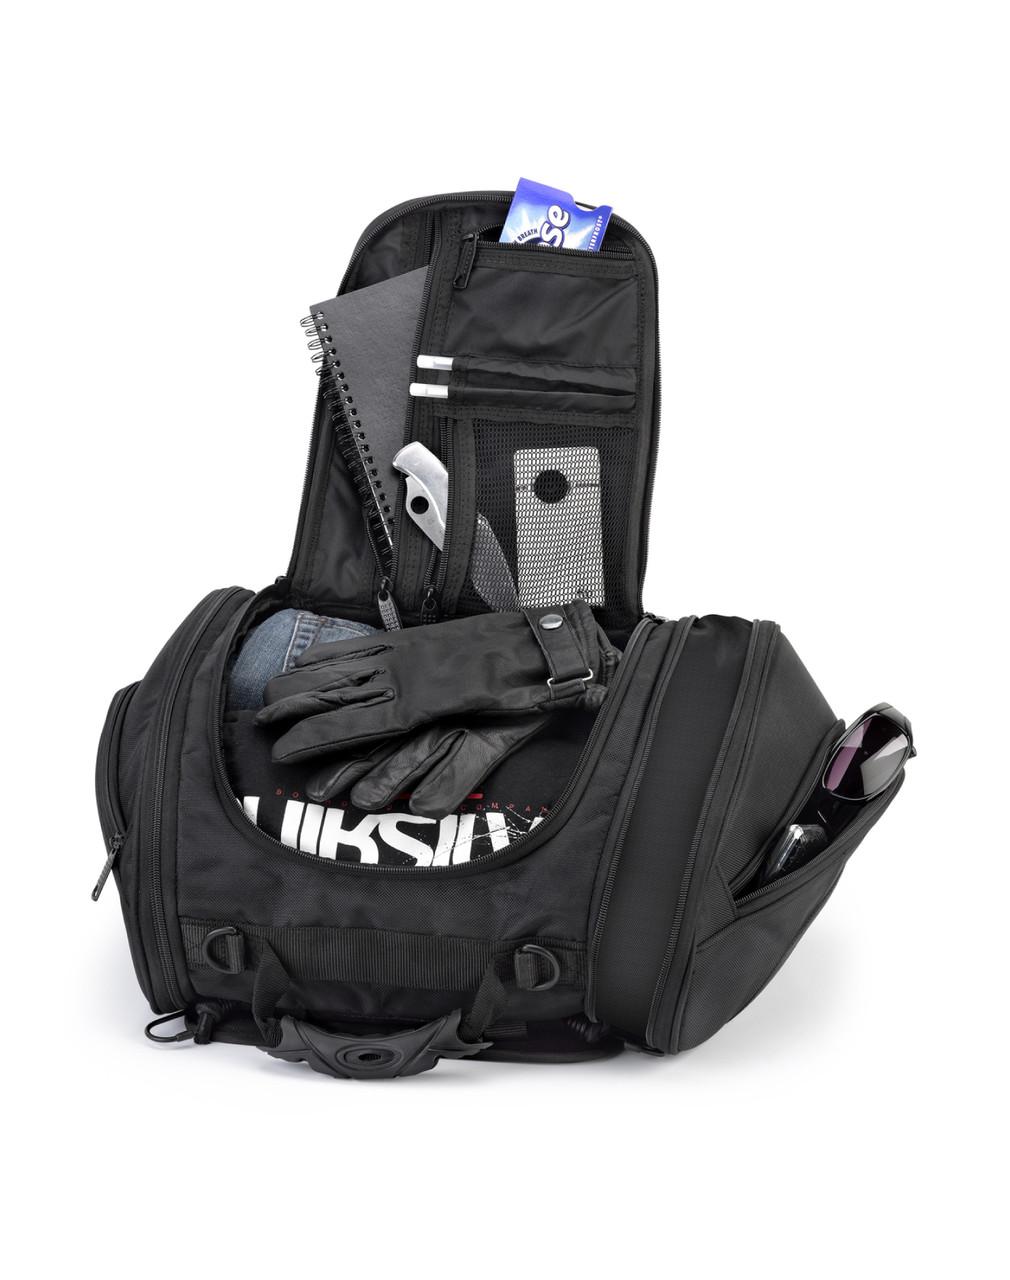 Harley Davidson Viking Sport Motorcycle Tail Bag Storage View